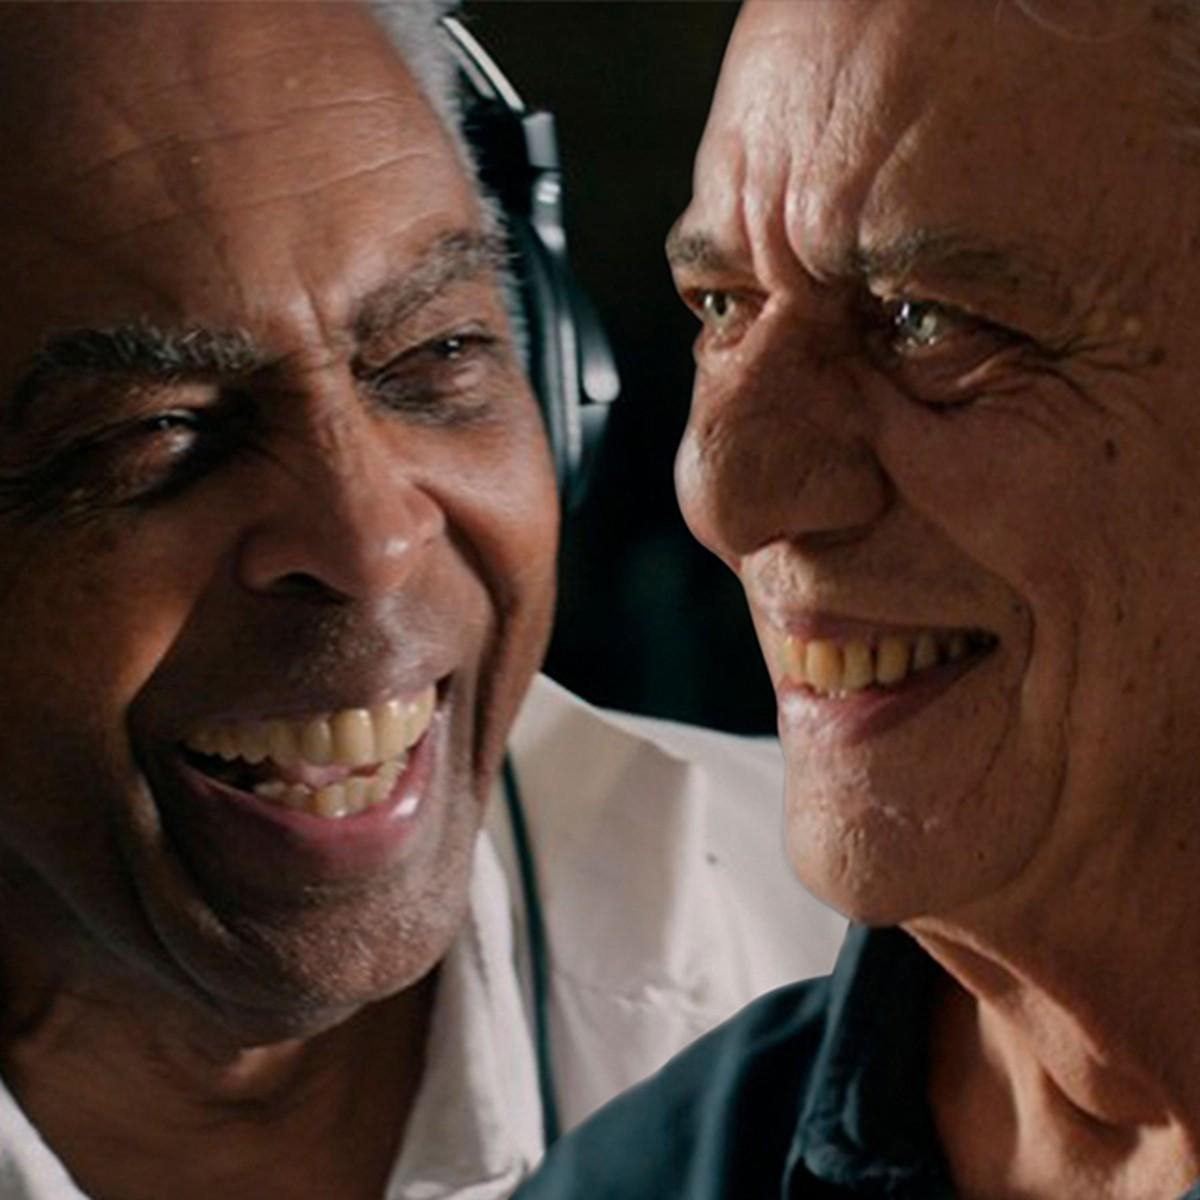 Gilberto Gil e Chico Buarque são ases no 'jogo de verdades e mentiras' que denunciam no single 'Sob pressão' | Blog do Mauro Ferreira